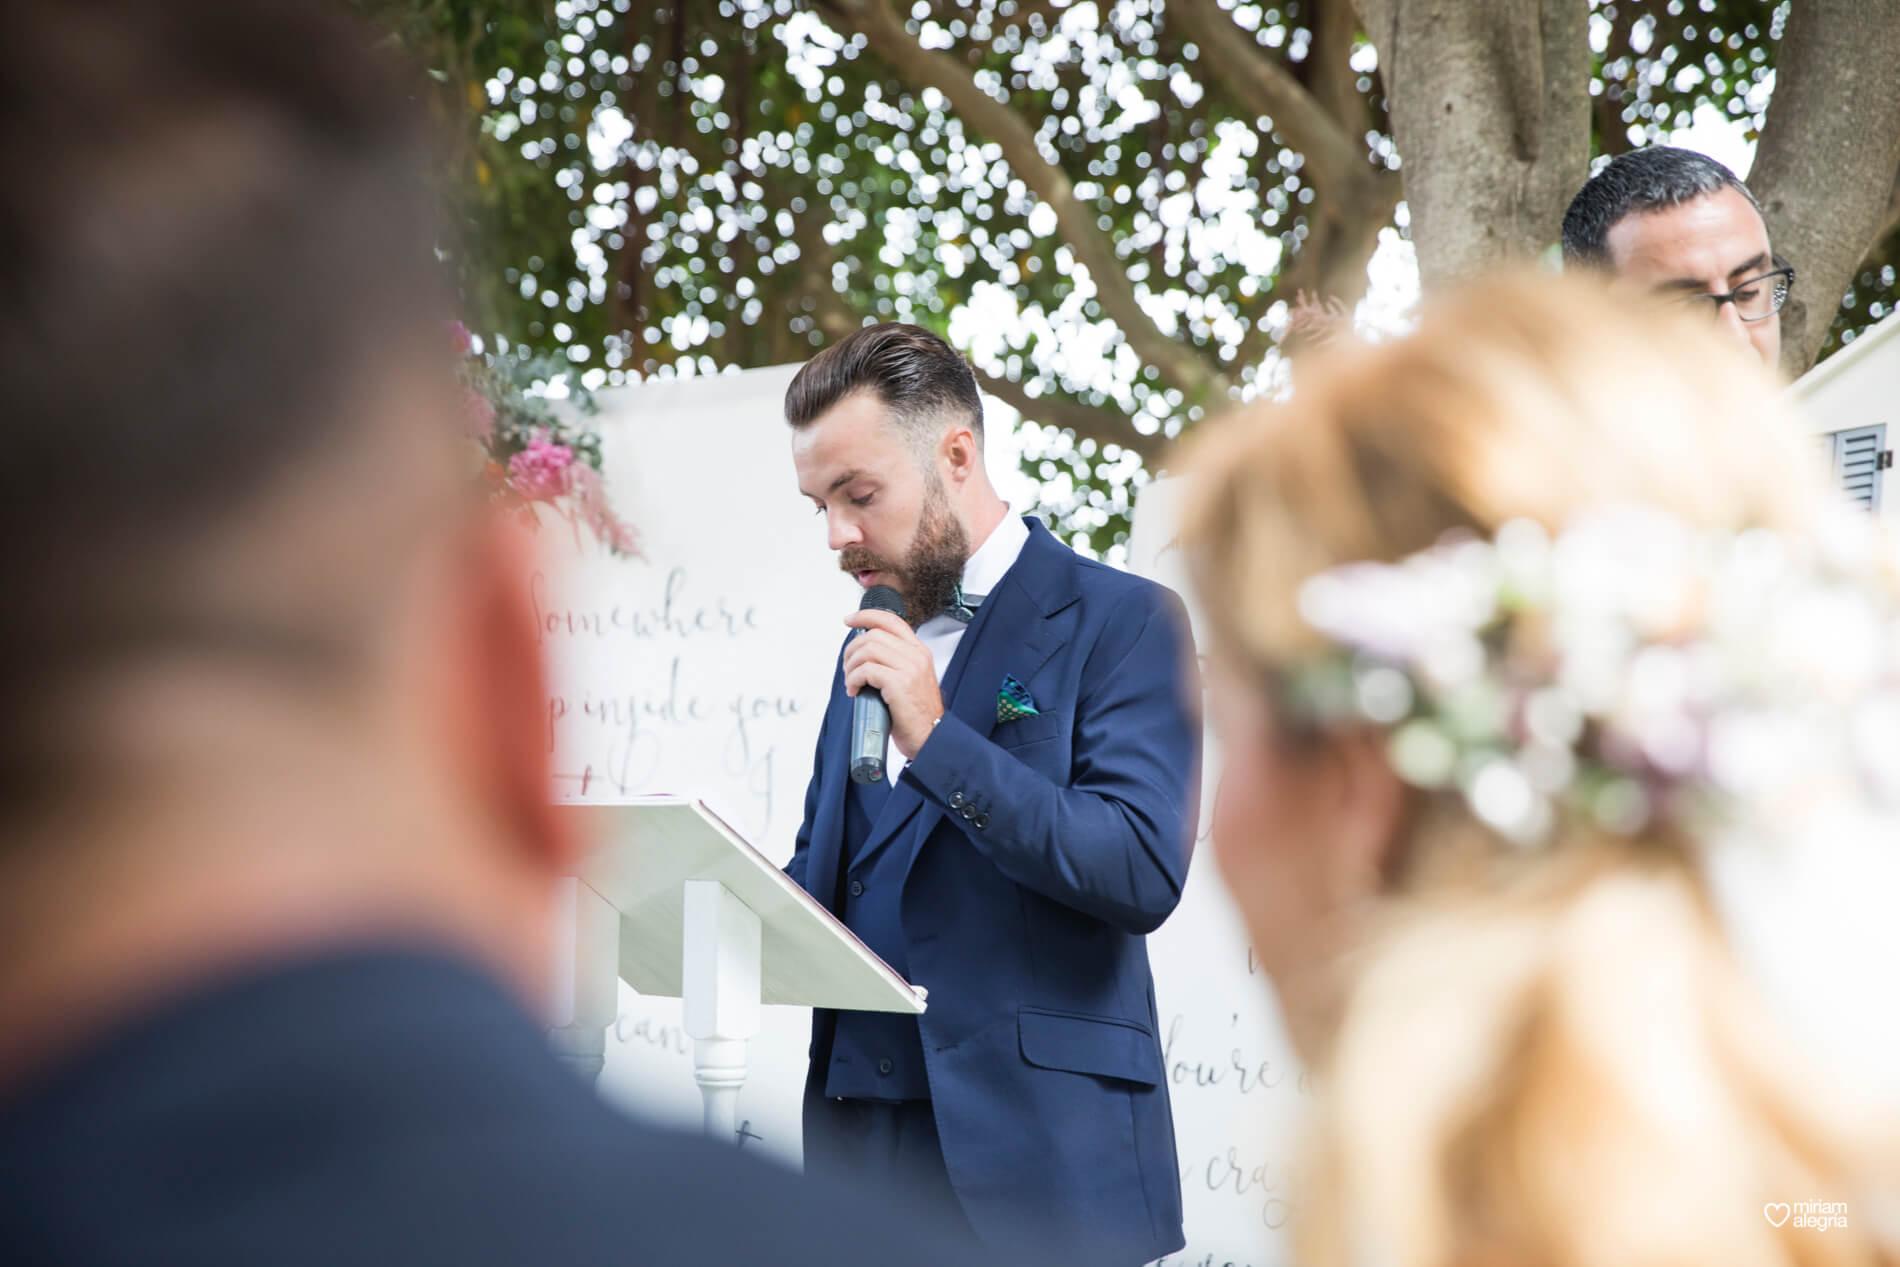 boda-en-finca-villa-vera-de-alemc7-miriam-alegria-fotografos-boda-murcia-74